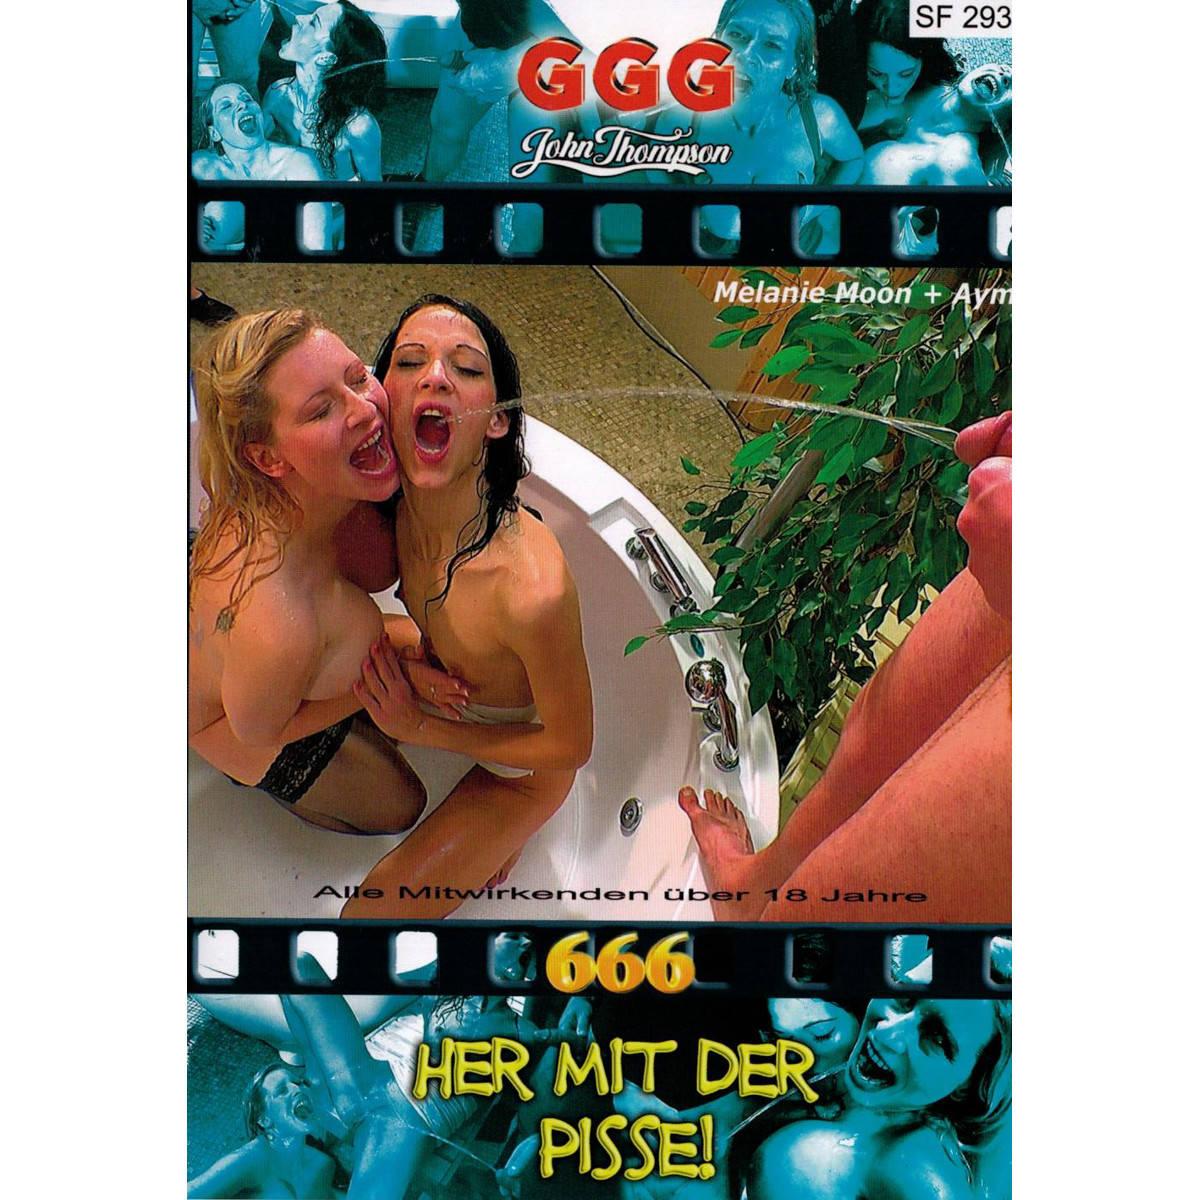 video gay giovani ragazzi escort a verona